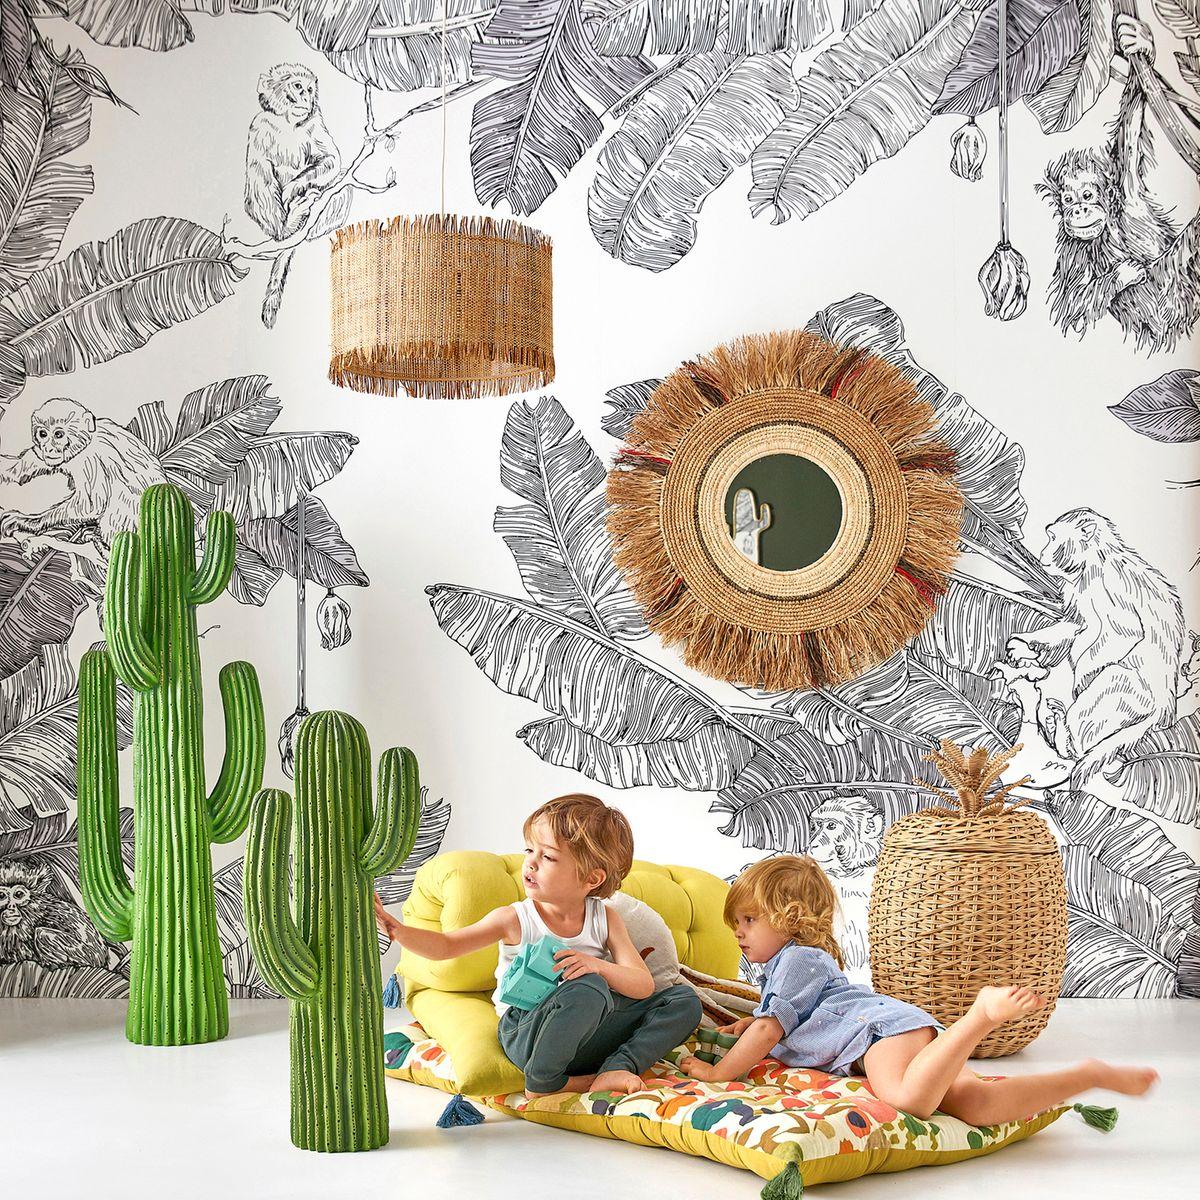 panier de rangement chambre espace enfant style nature cactus tapis de sol à pompon jaune - blog déco - clem around the corner